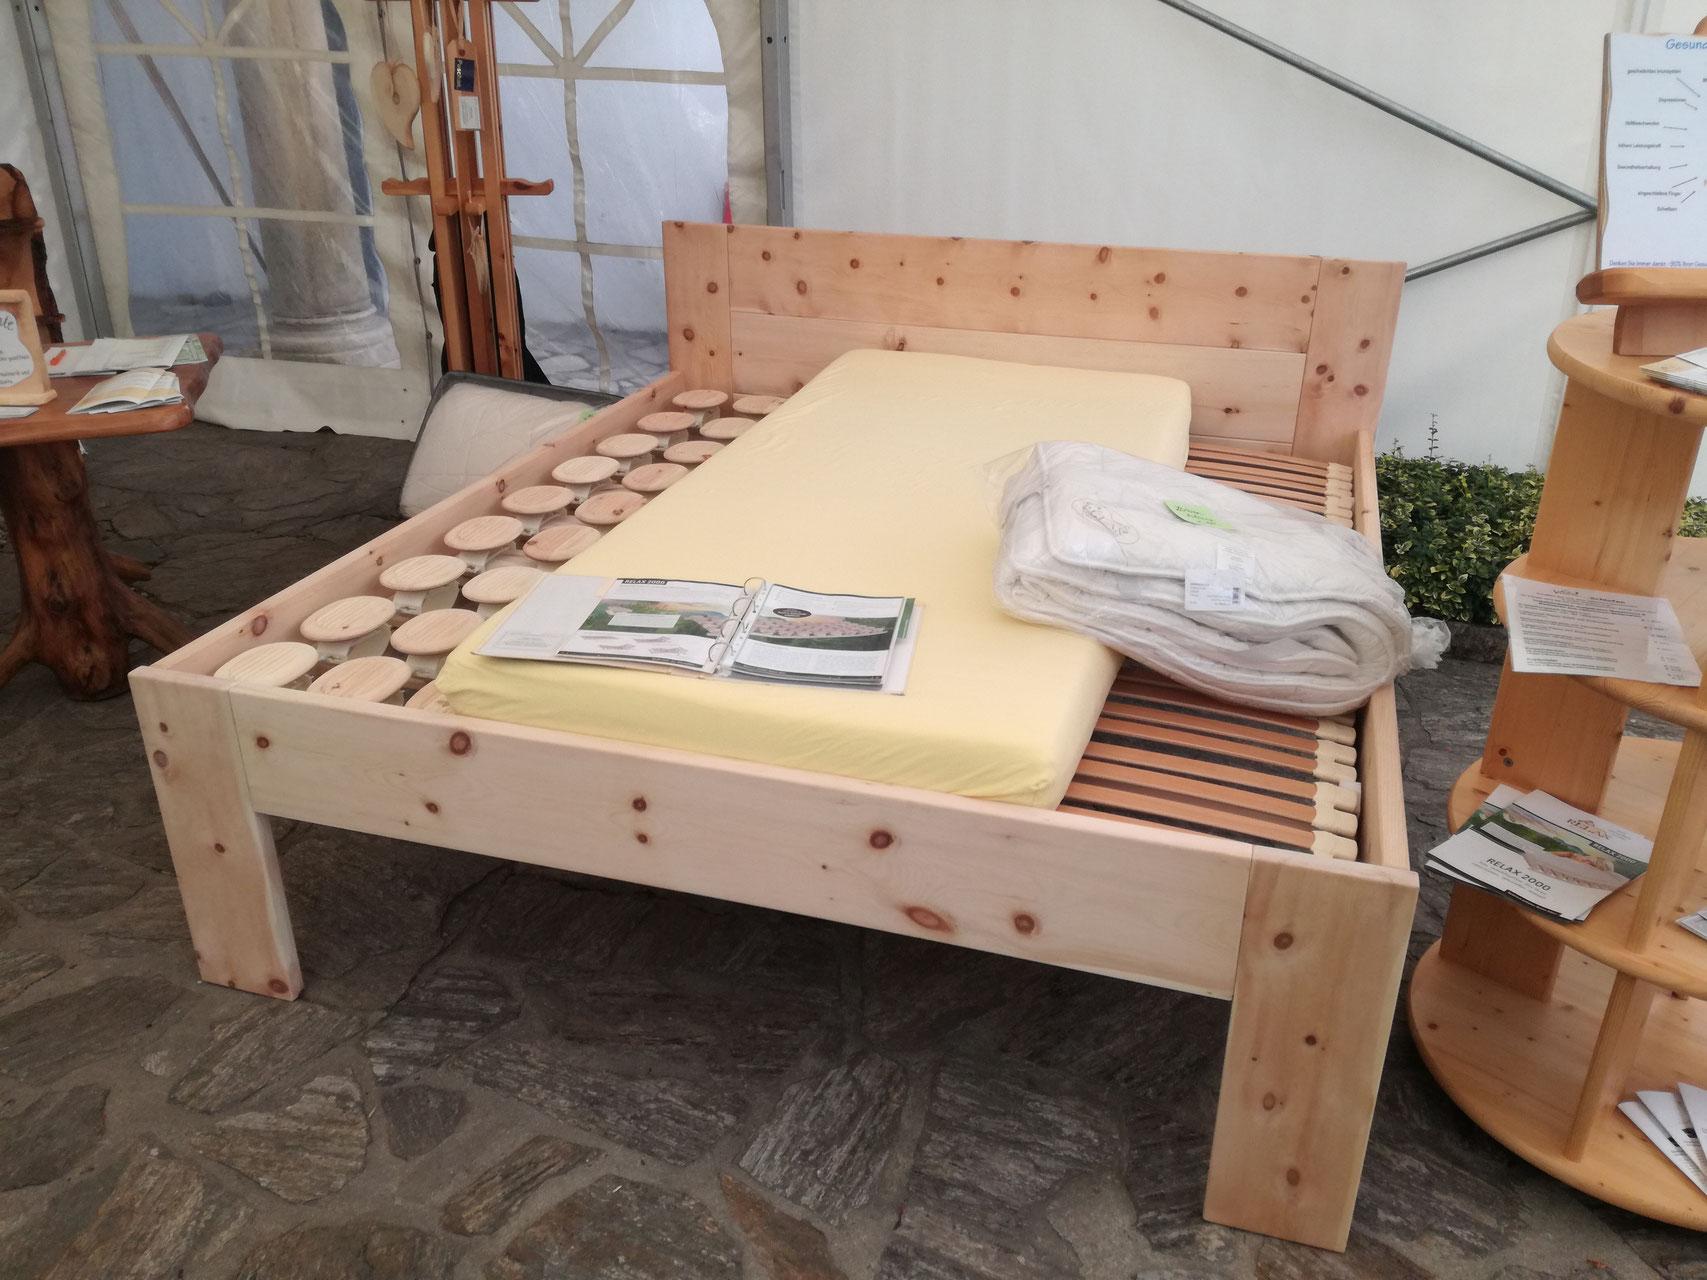 Full Size of Massivholz Betten Puschan Leidenschaft Holz Und Natur Boxspring Düsseldorf Rauch 140x200 180x200 Runde Günstige Aus Ebay Bett De Günstig Kaufen Mädchen Bett Massivholz Betten